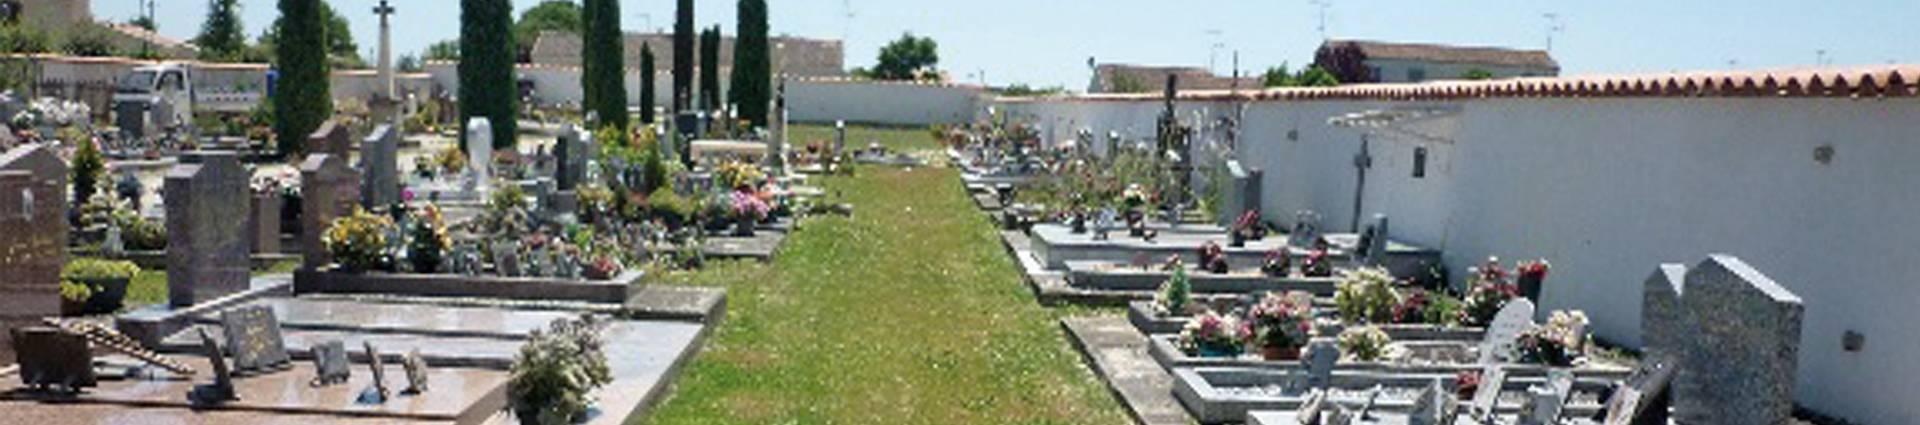 Vers un engazonnement des cimetières